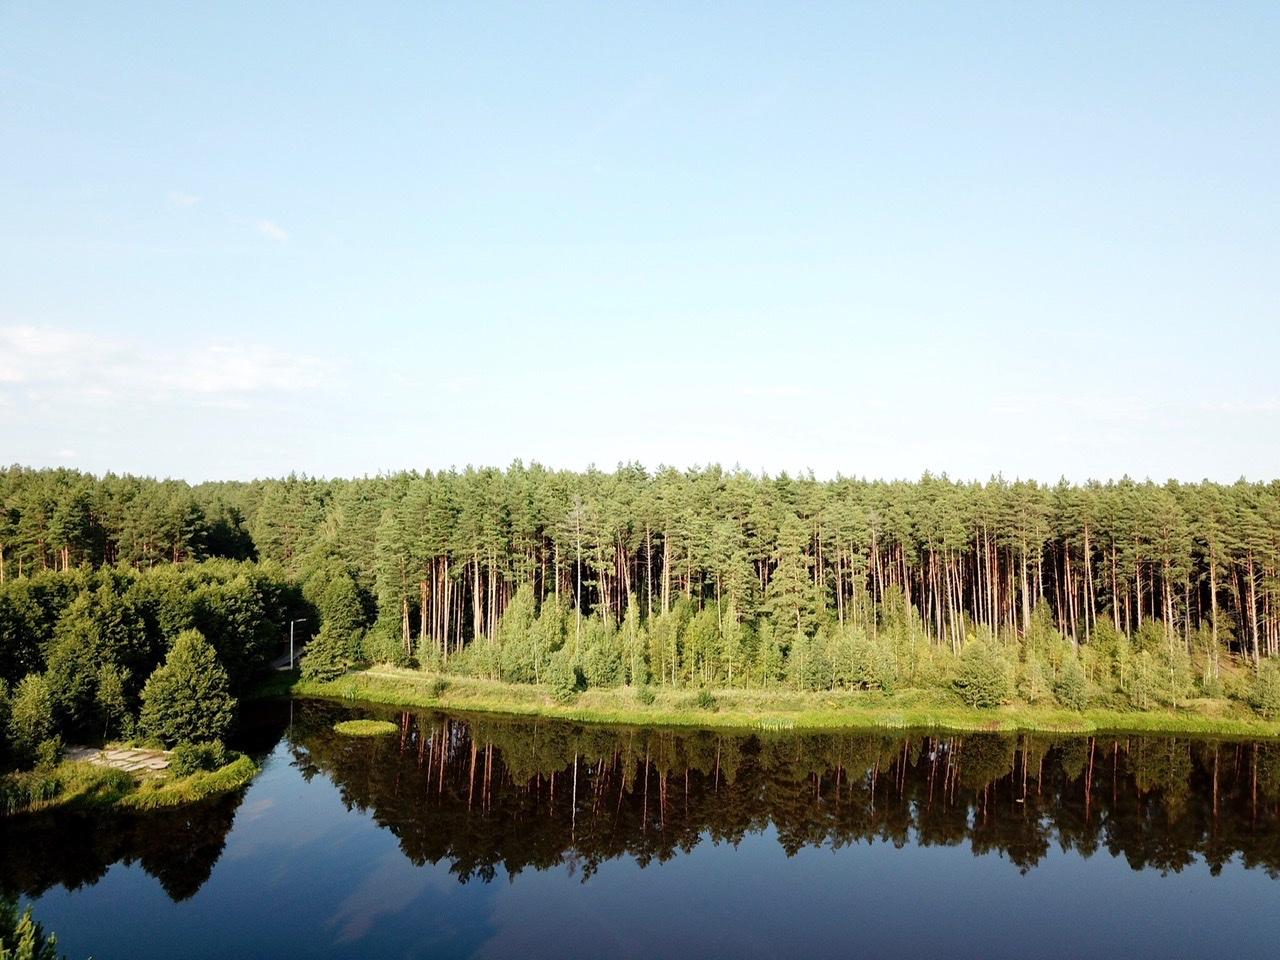 озеро, природа, лето, пруд, рыбалка, лес, сосны